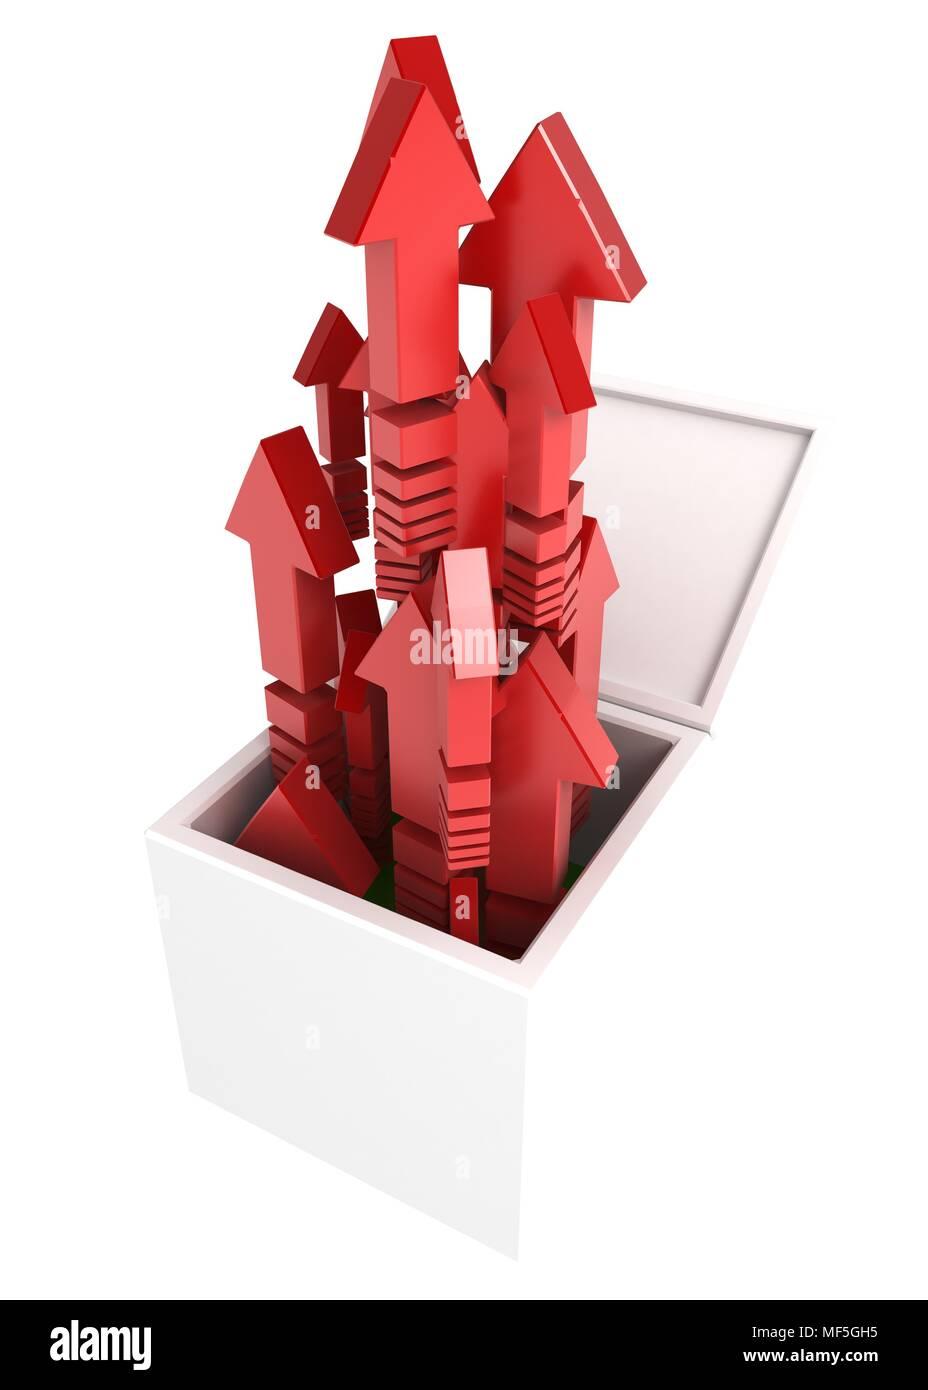 Abra una caja 3d con flechas rojas Imagen De Stock